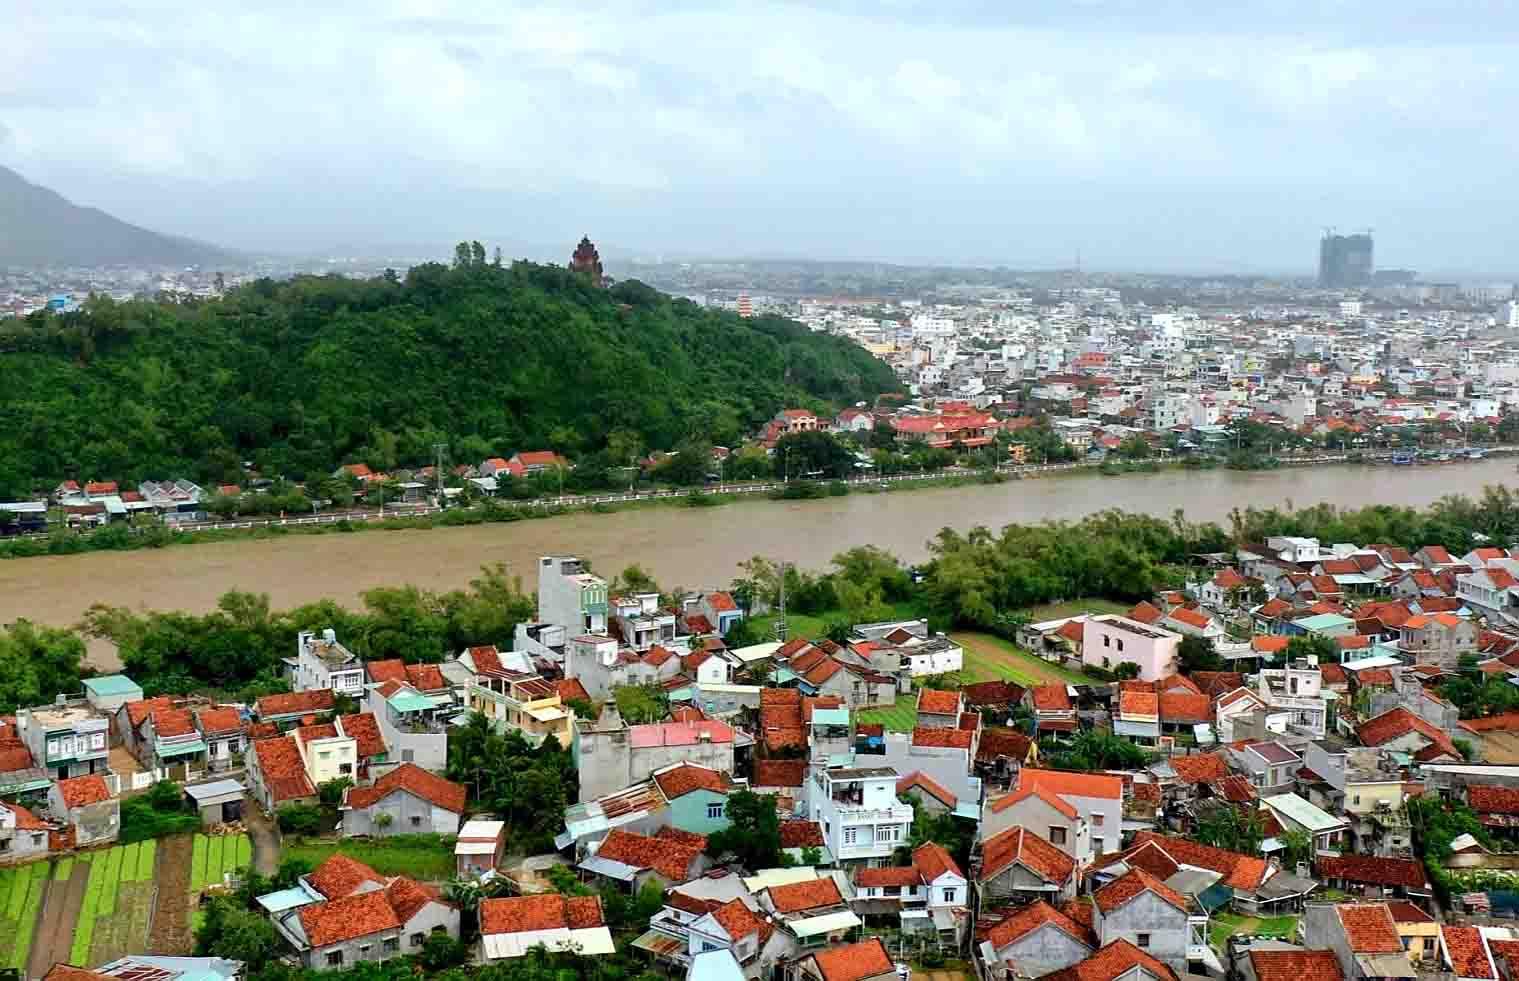 Phú Yên: Cần khoảng 2.726,9 tỷ để phát triển đô thị EaLy đến năm 2025, tầm nhìn đến năm 2035